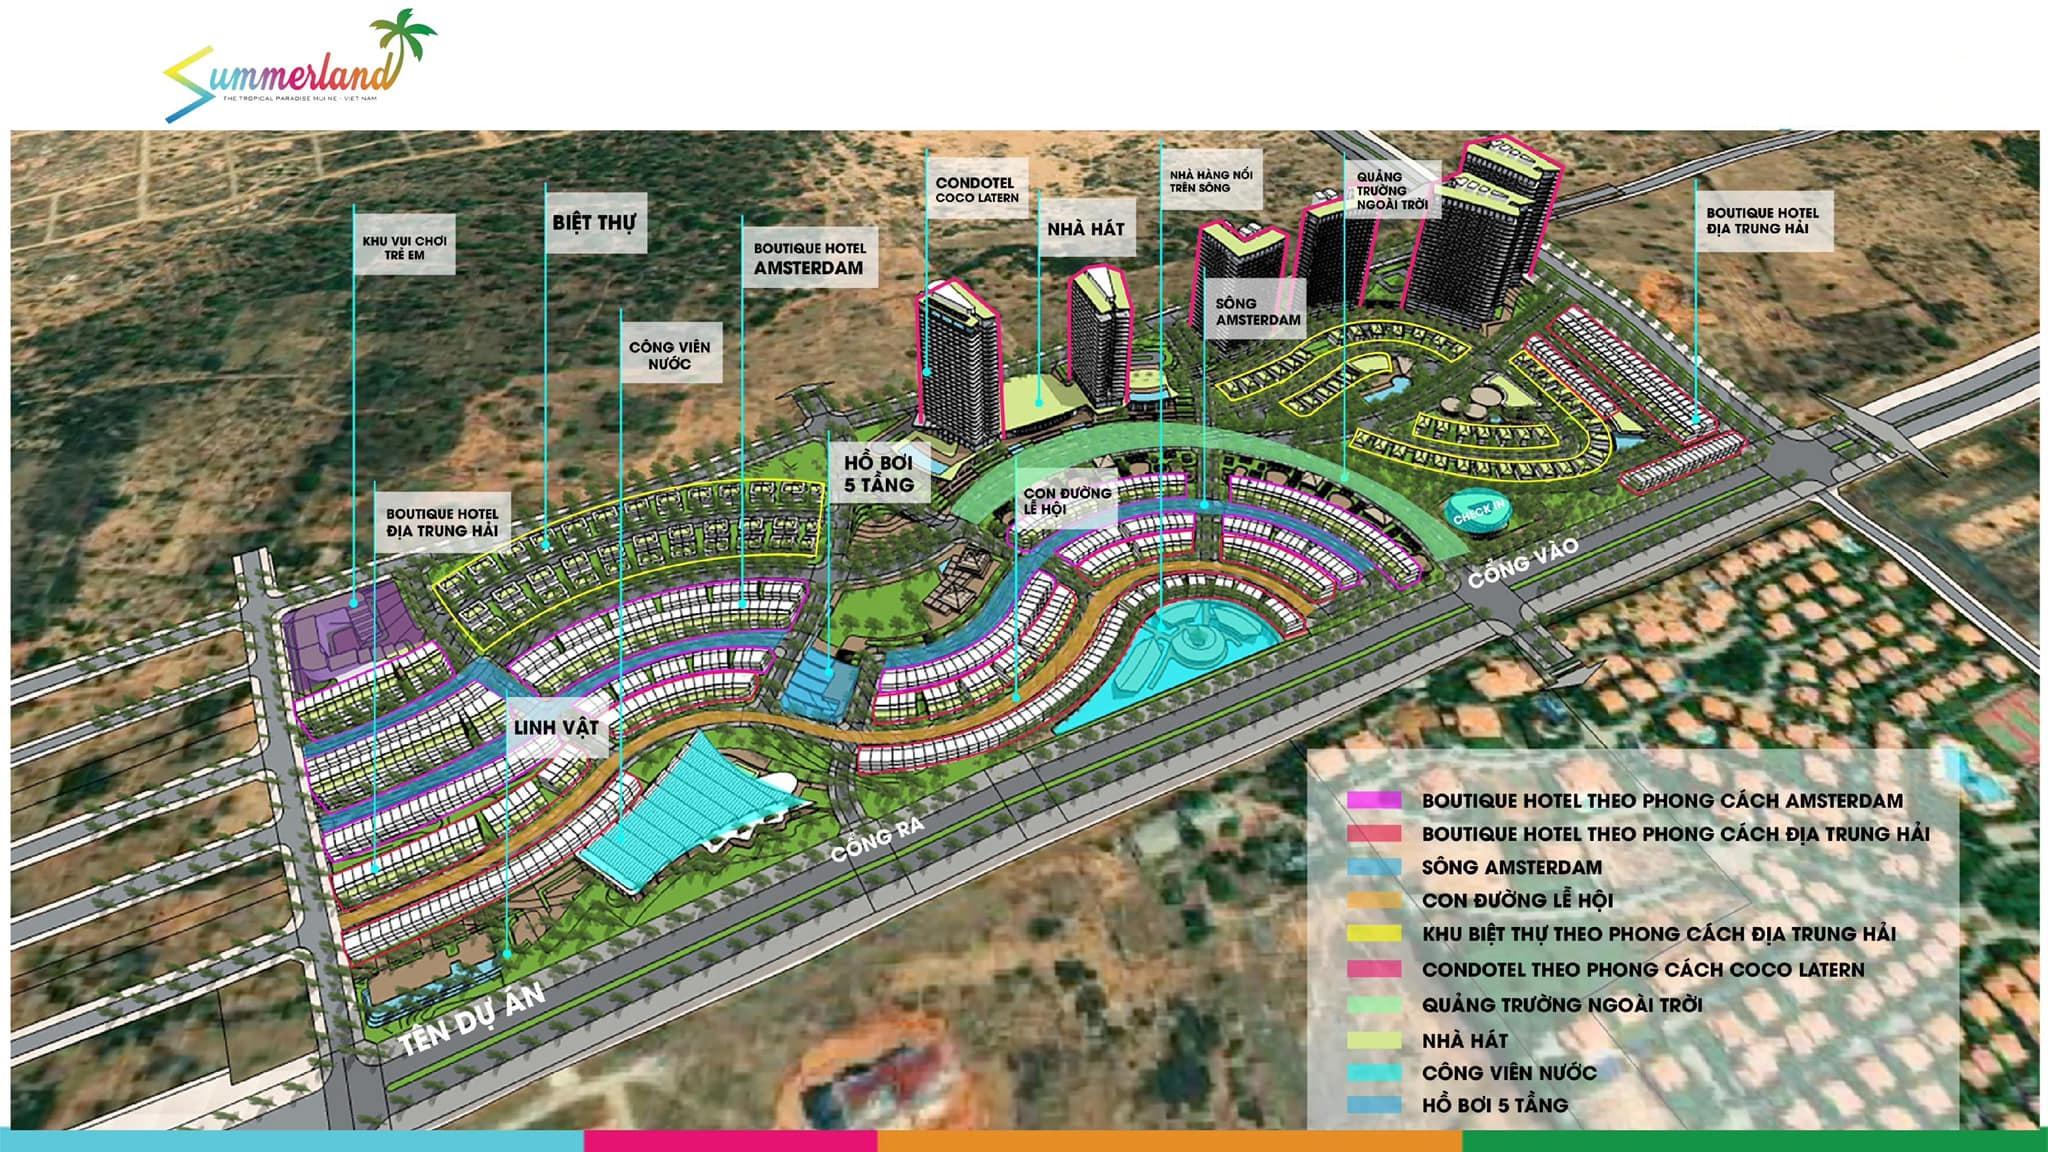 Phối cảnh tổng thể dự án căn hộ, nhà phố, biệt thự, condotel Mũi Né Summer Land Phan Thiết.